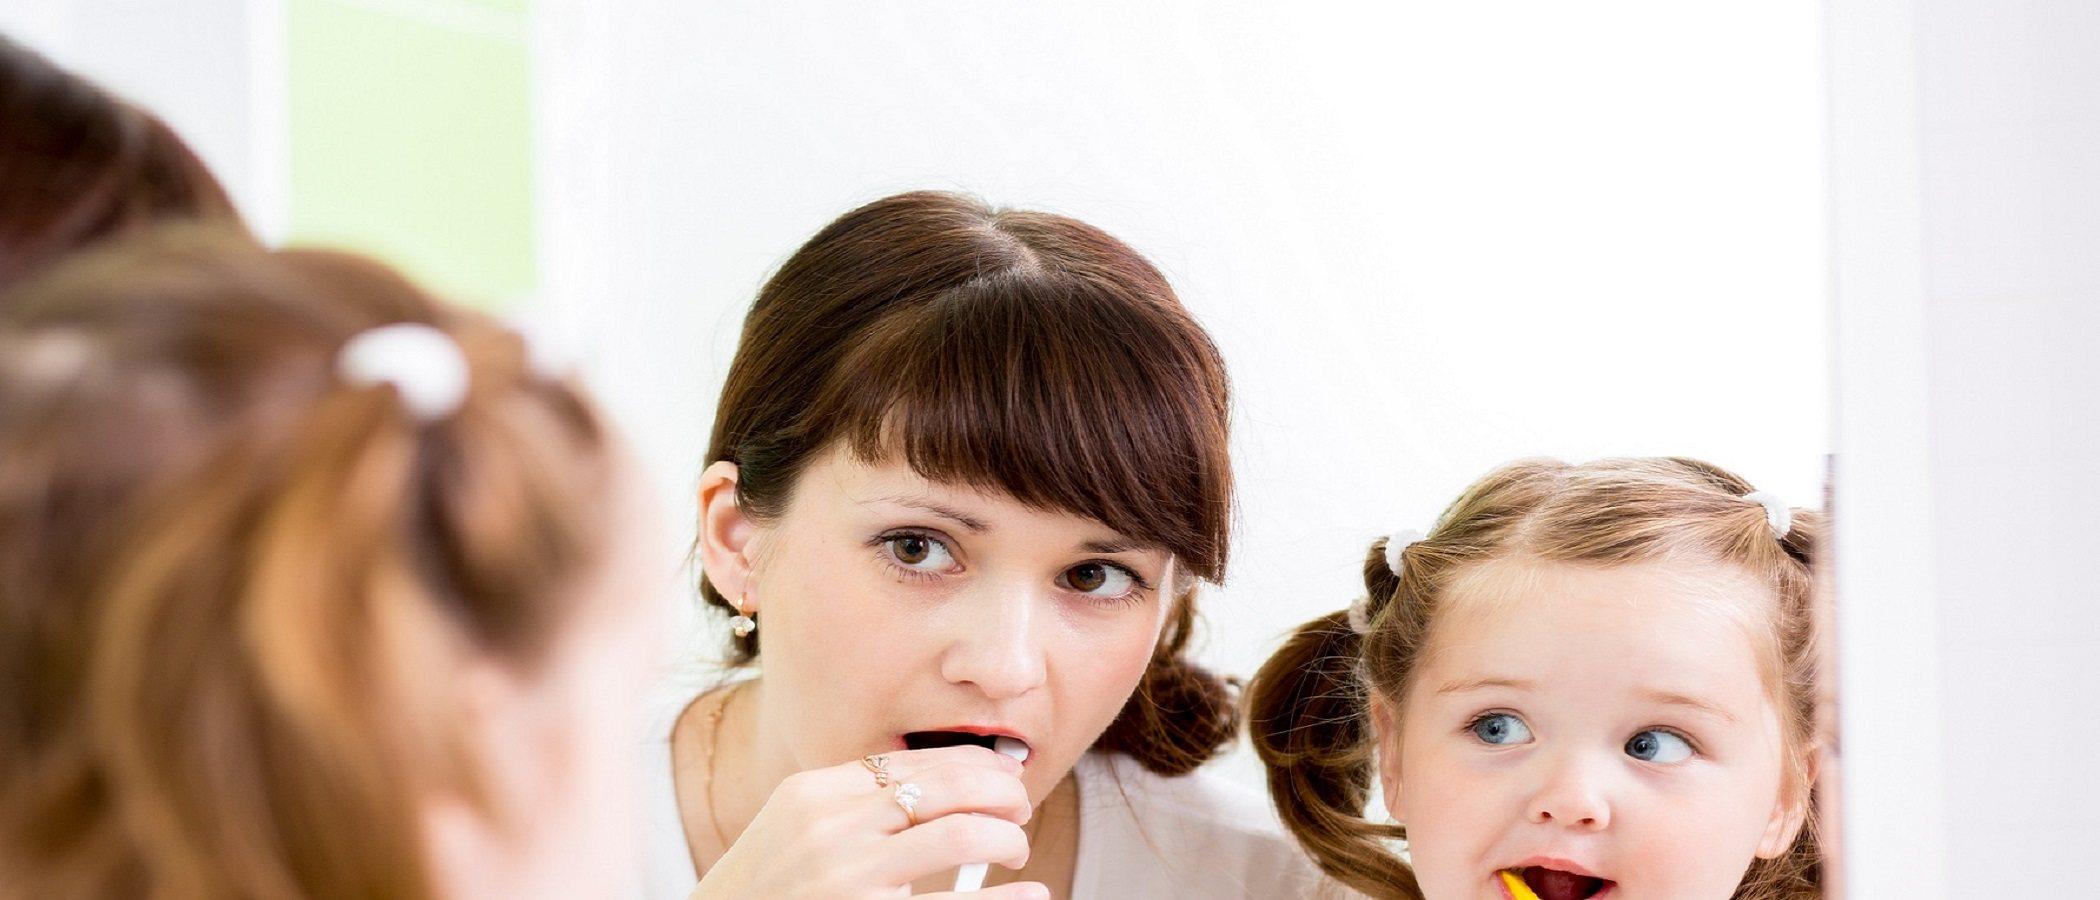 Desarrollo del autoconcepto en niños pequeños